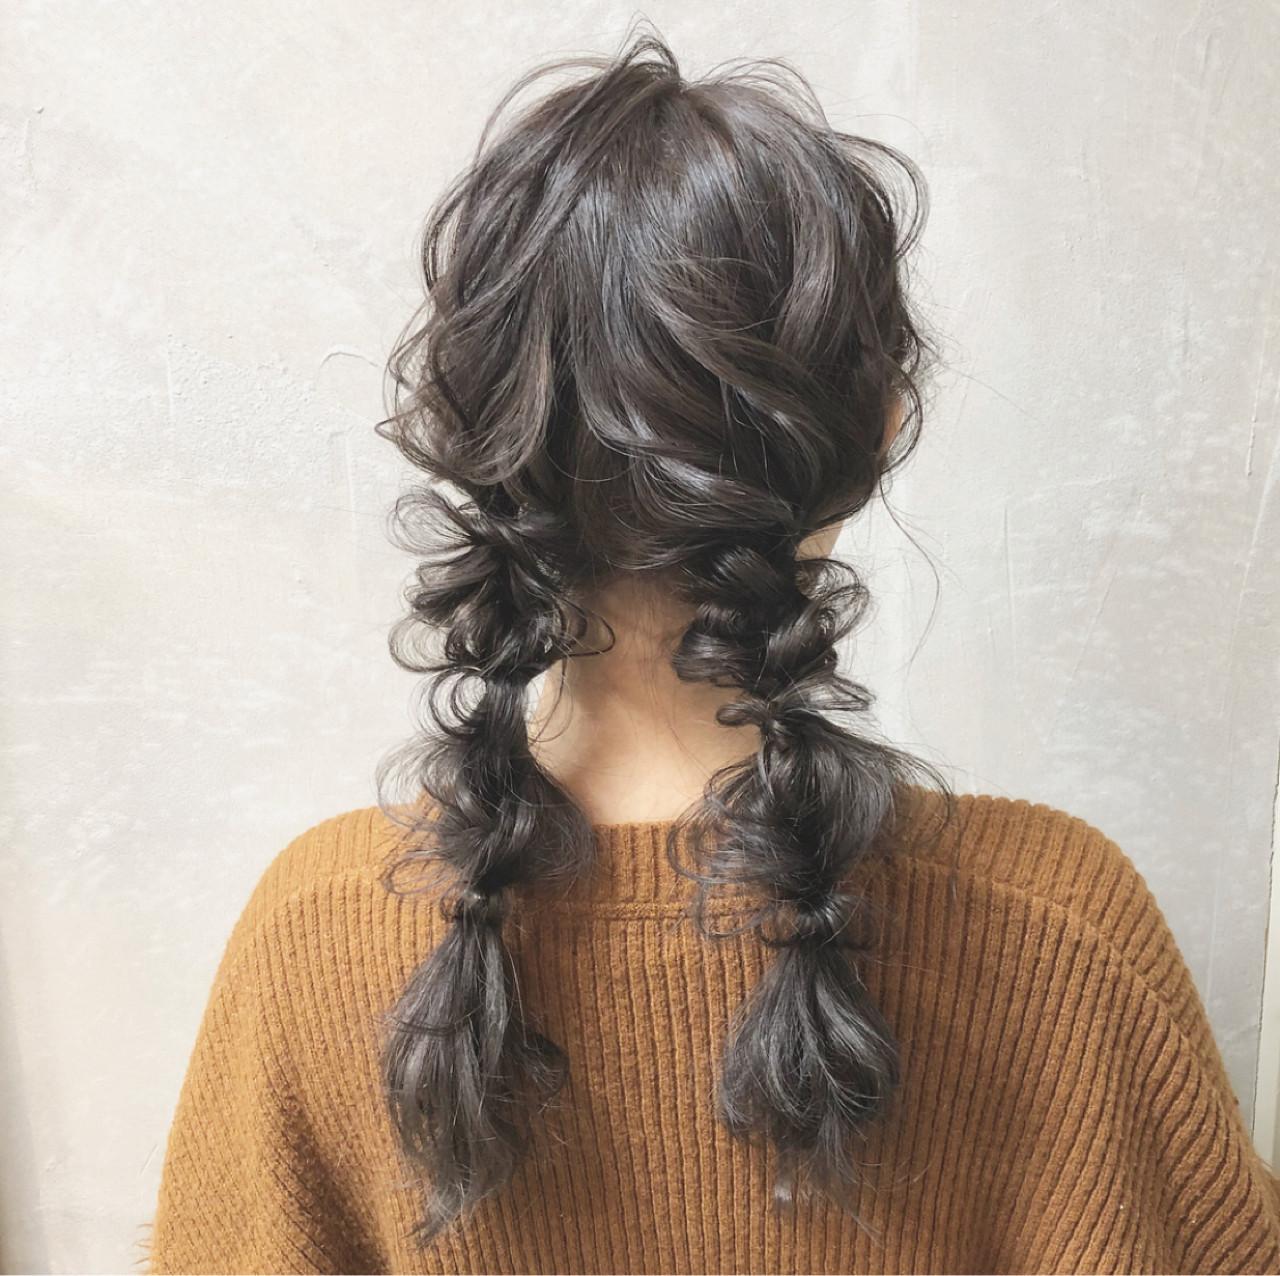 編みおろしツイン セミロング 編み込み 大人かわいい ヘアスタイルや髪型の写真・画像